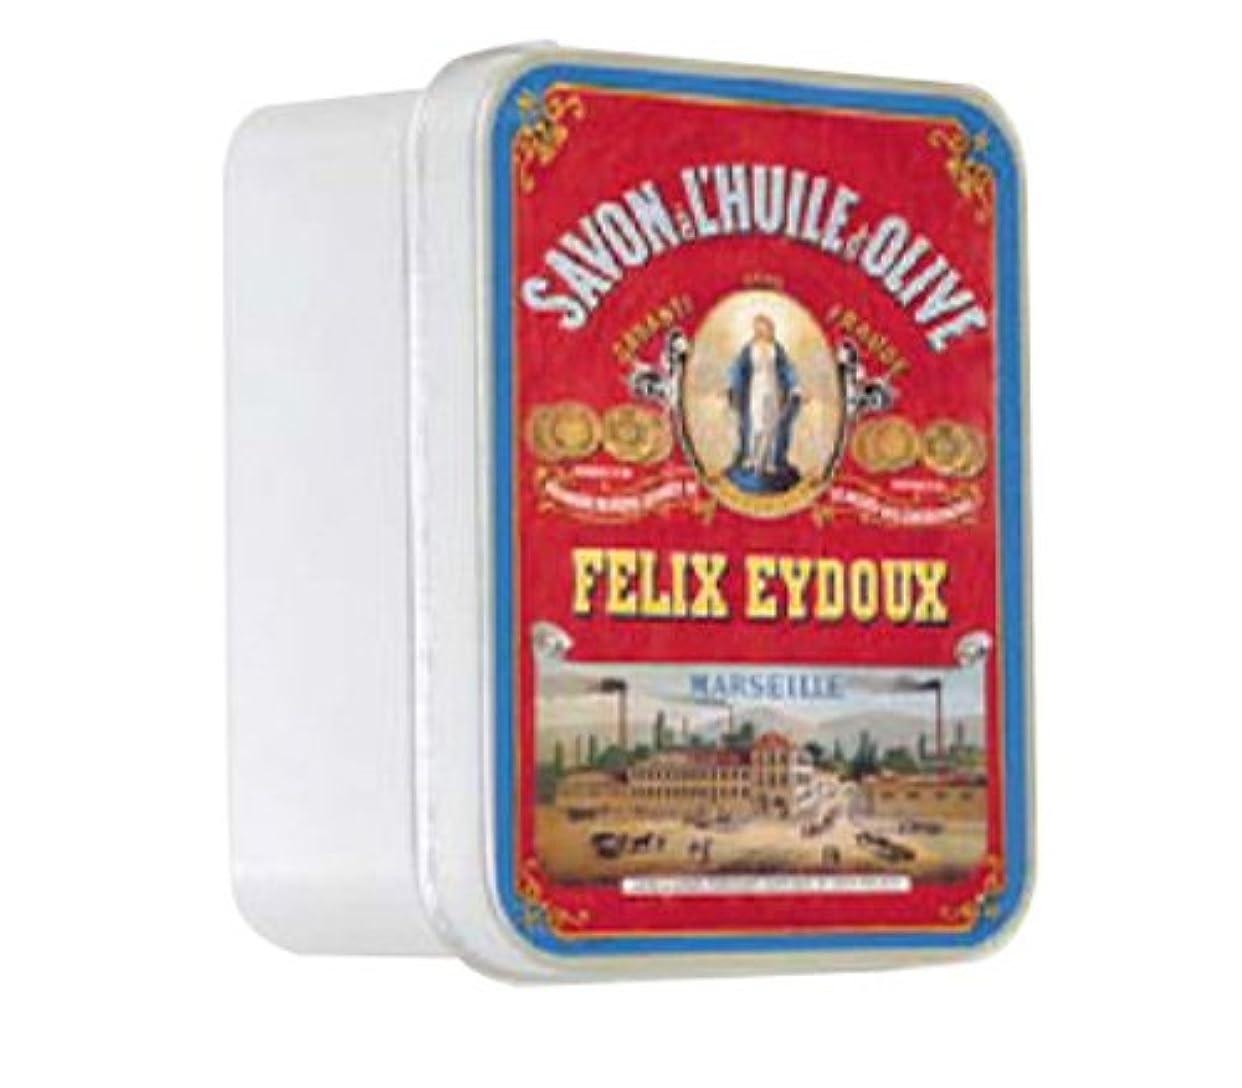 傭兵放送終了しましたルブランソープ メタルボックス(マルセイユソープ?オリーブの香り)石鹸